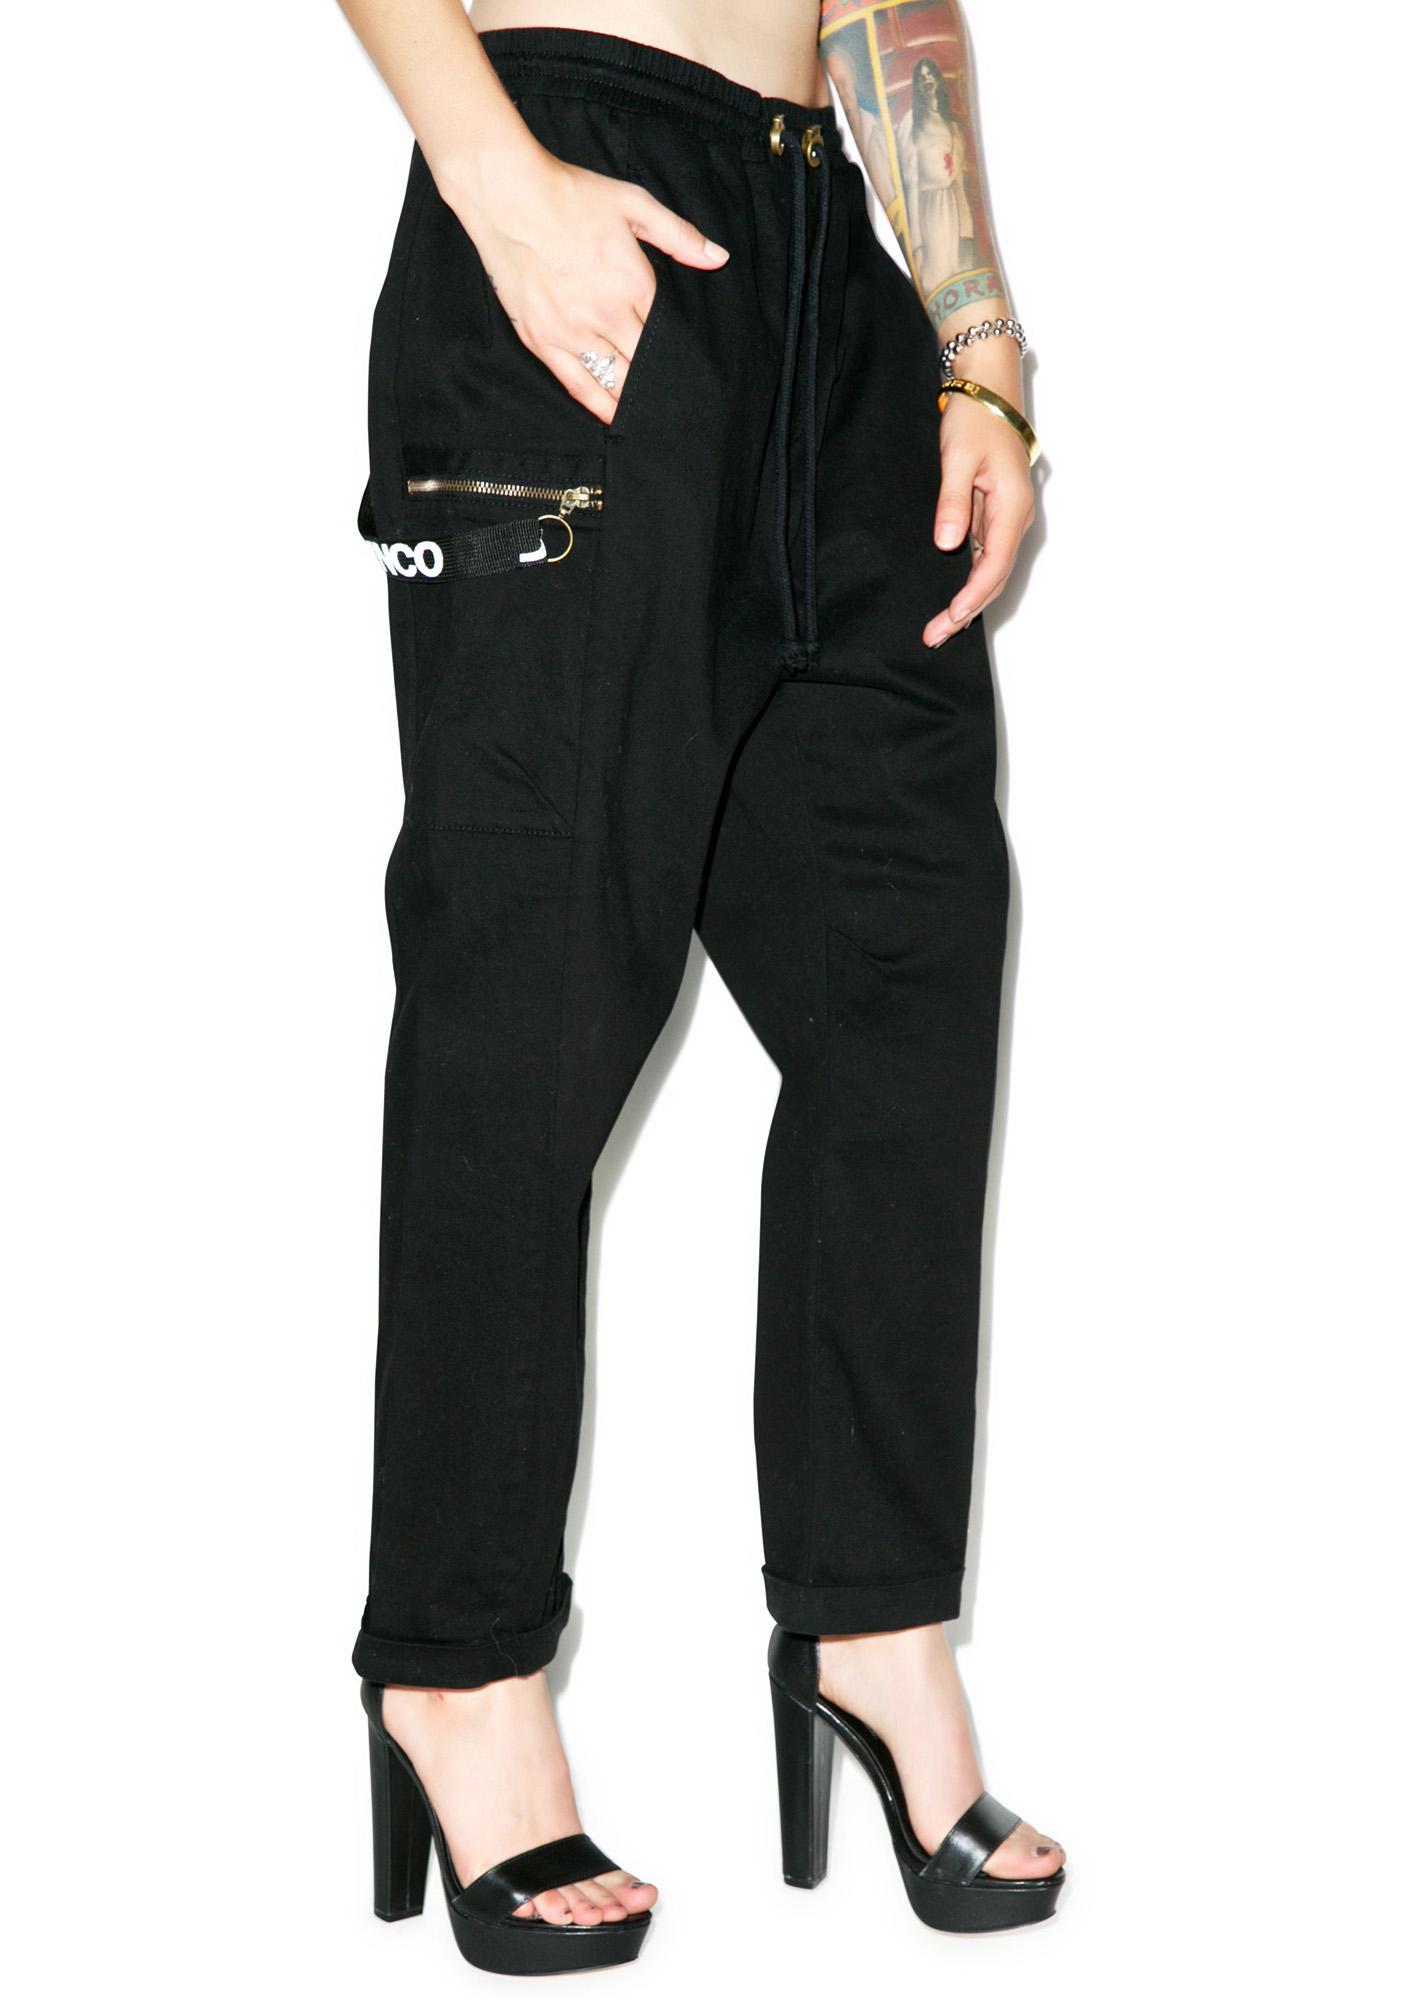 JNCO Drifter Trouser